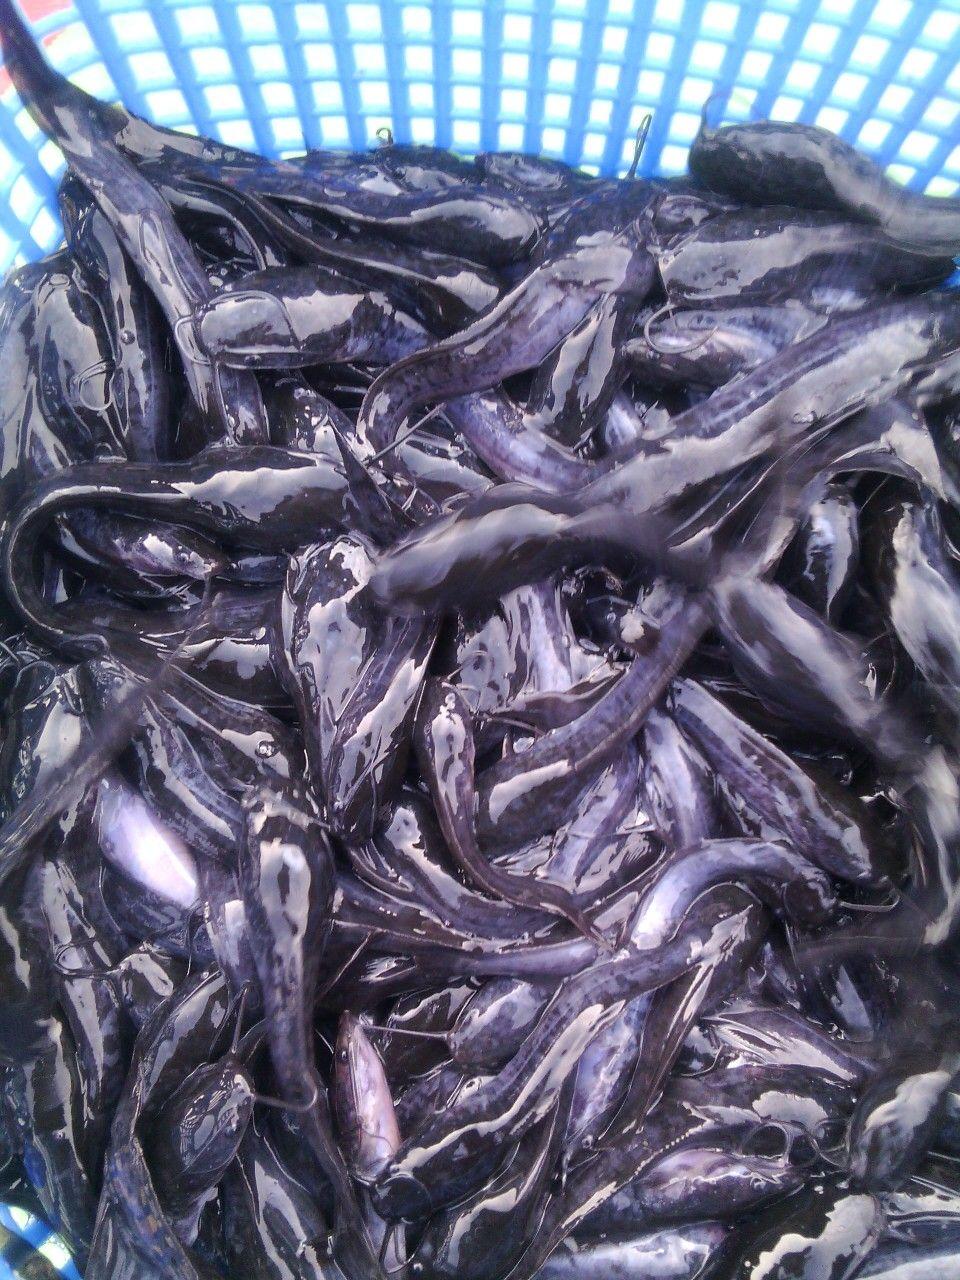 Catfish Fingerlings From Shyb Farms